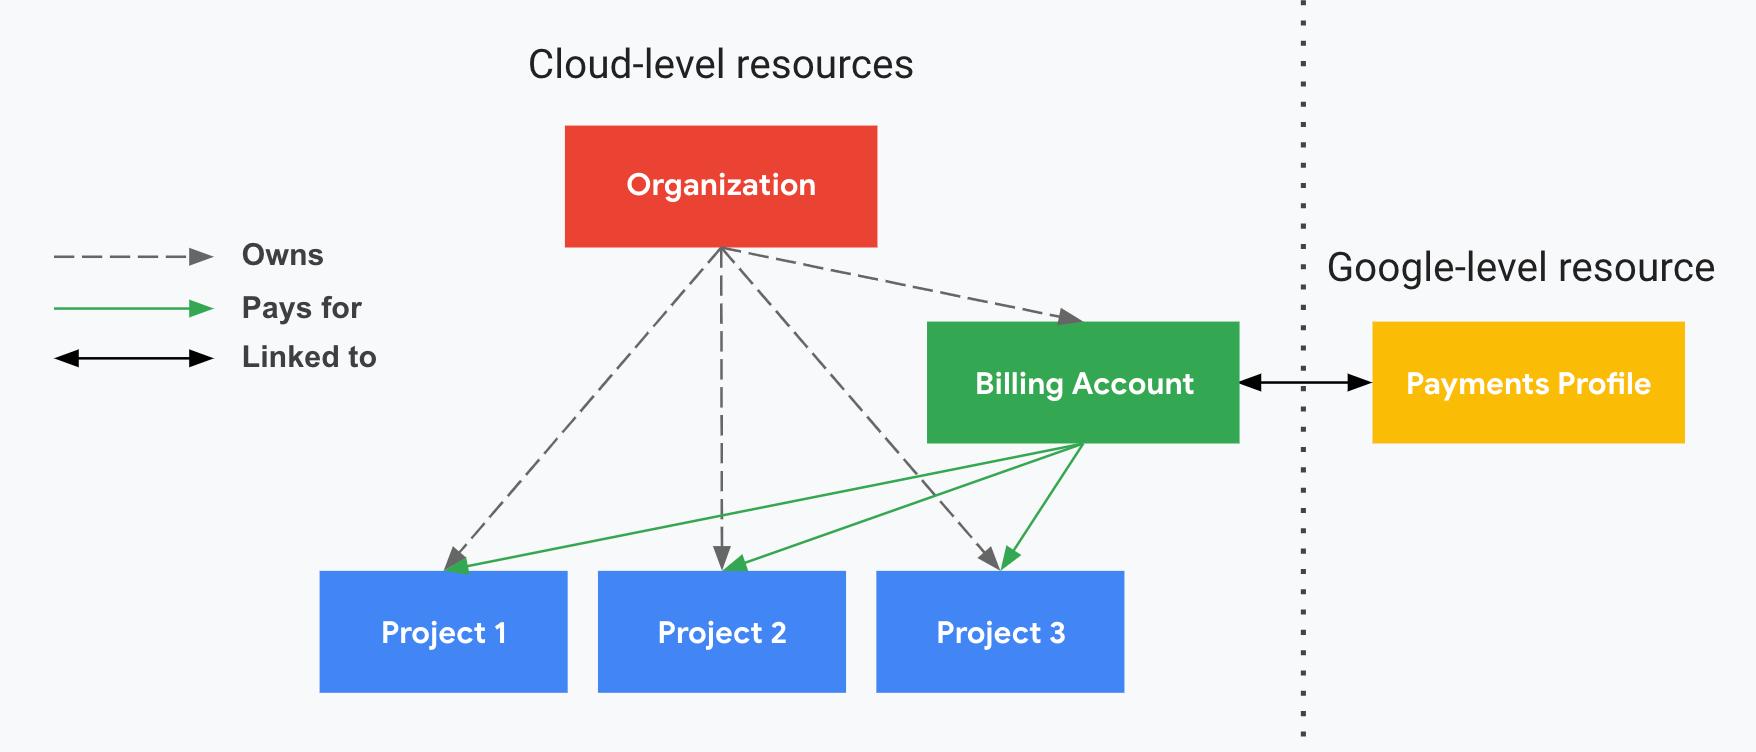 Describe cómo se relacionan los proyectos con la FacturacióndeCloud y el perfil de pagos. Una parte muestra los recursos de Cloud (cuenta de facturacióndeCloud y proyectos asociados) y la otra, dividida por una línea punteada vertical, muestra el recurso de Google (un perfil de pagos). Los proyectos se pagan con tu cuenta de facturacióndeCloud, que se vincula al perfil de pagos.